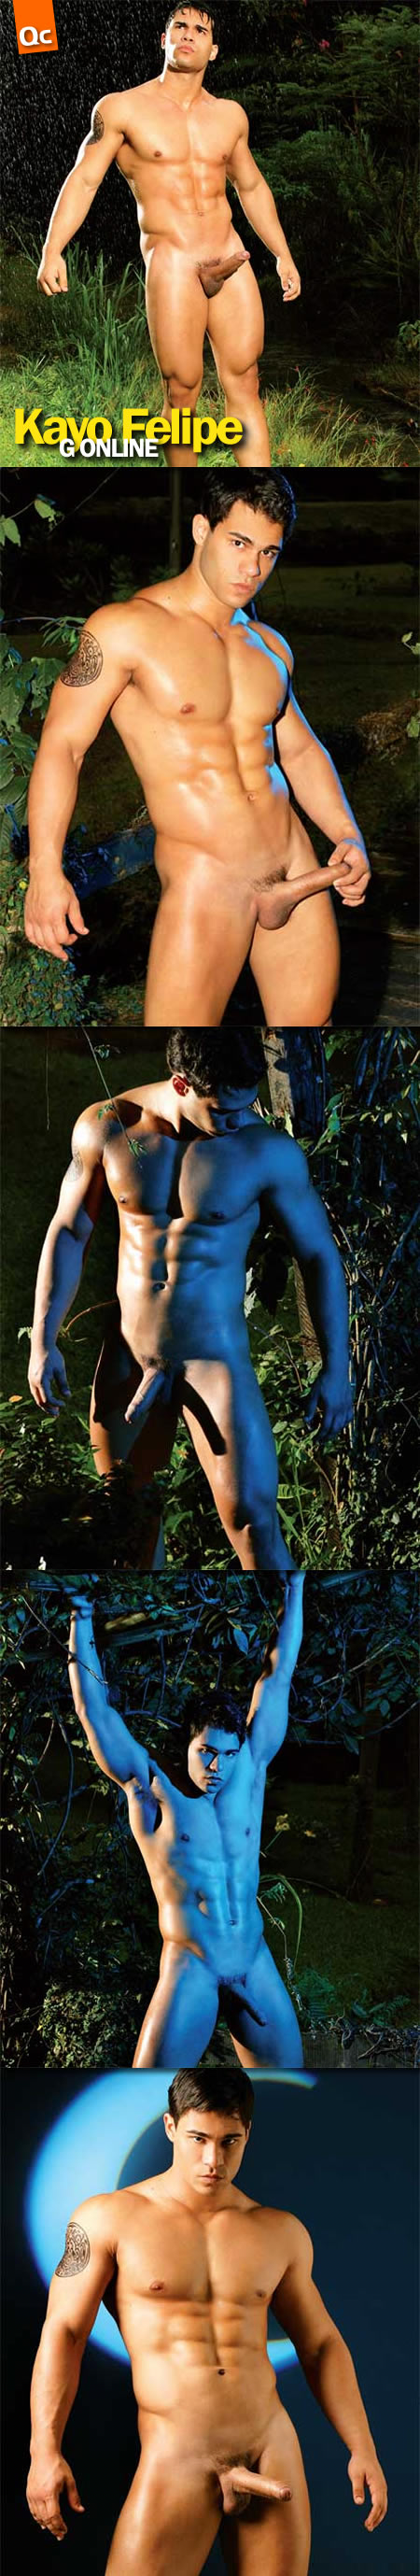 G Magazine: Kayo Felipe